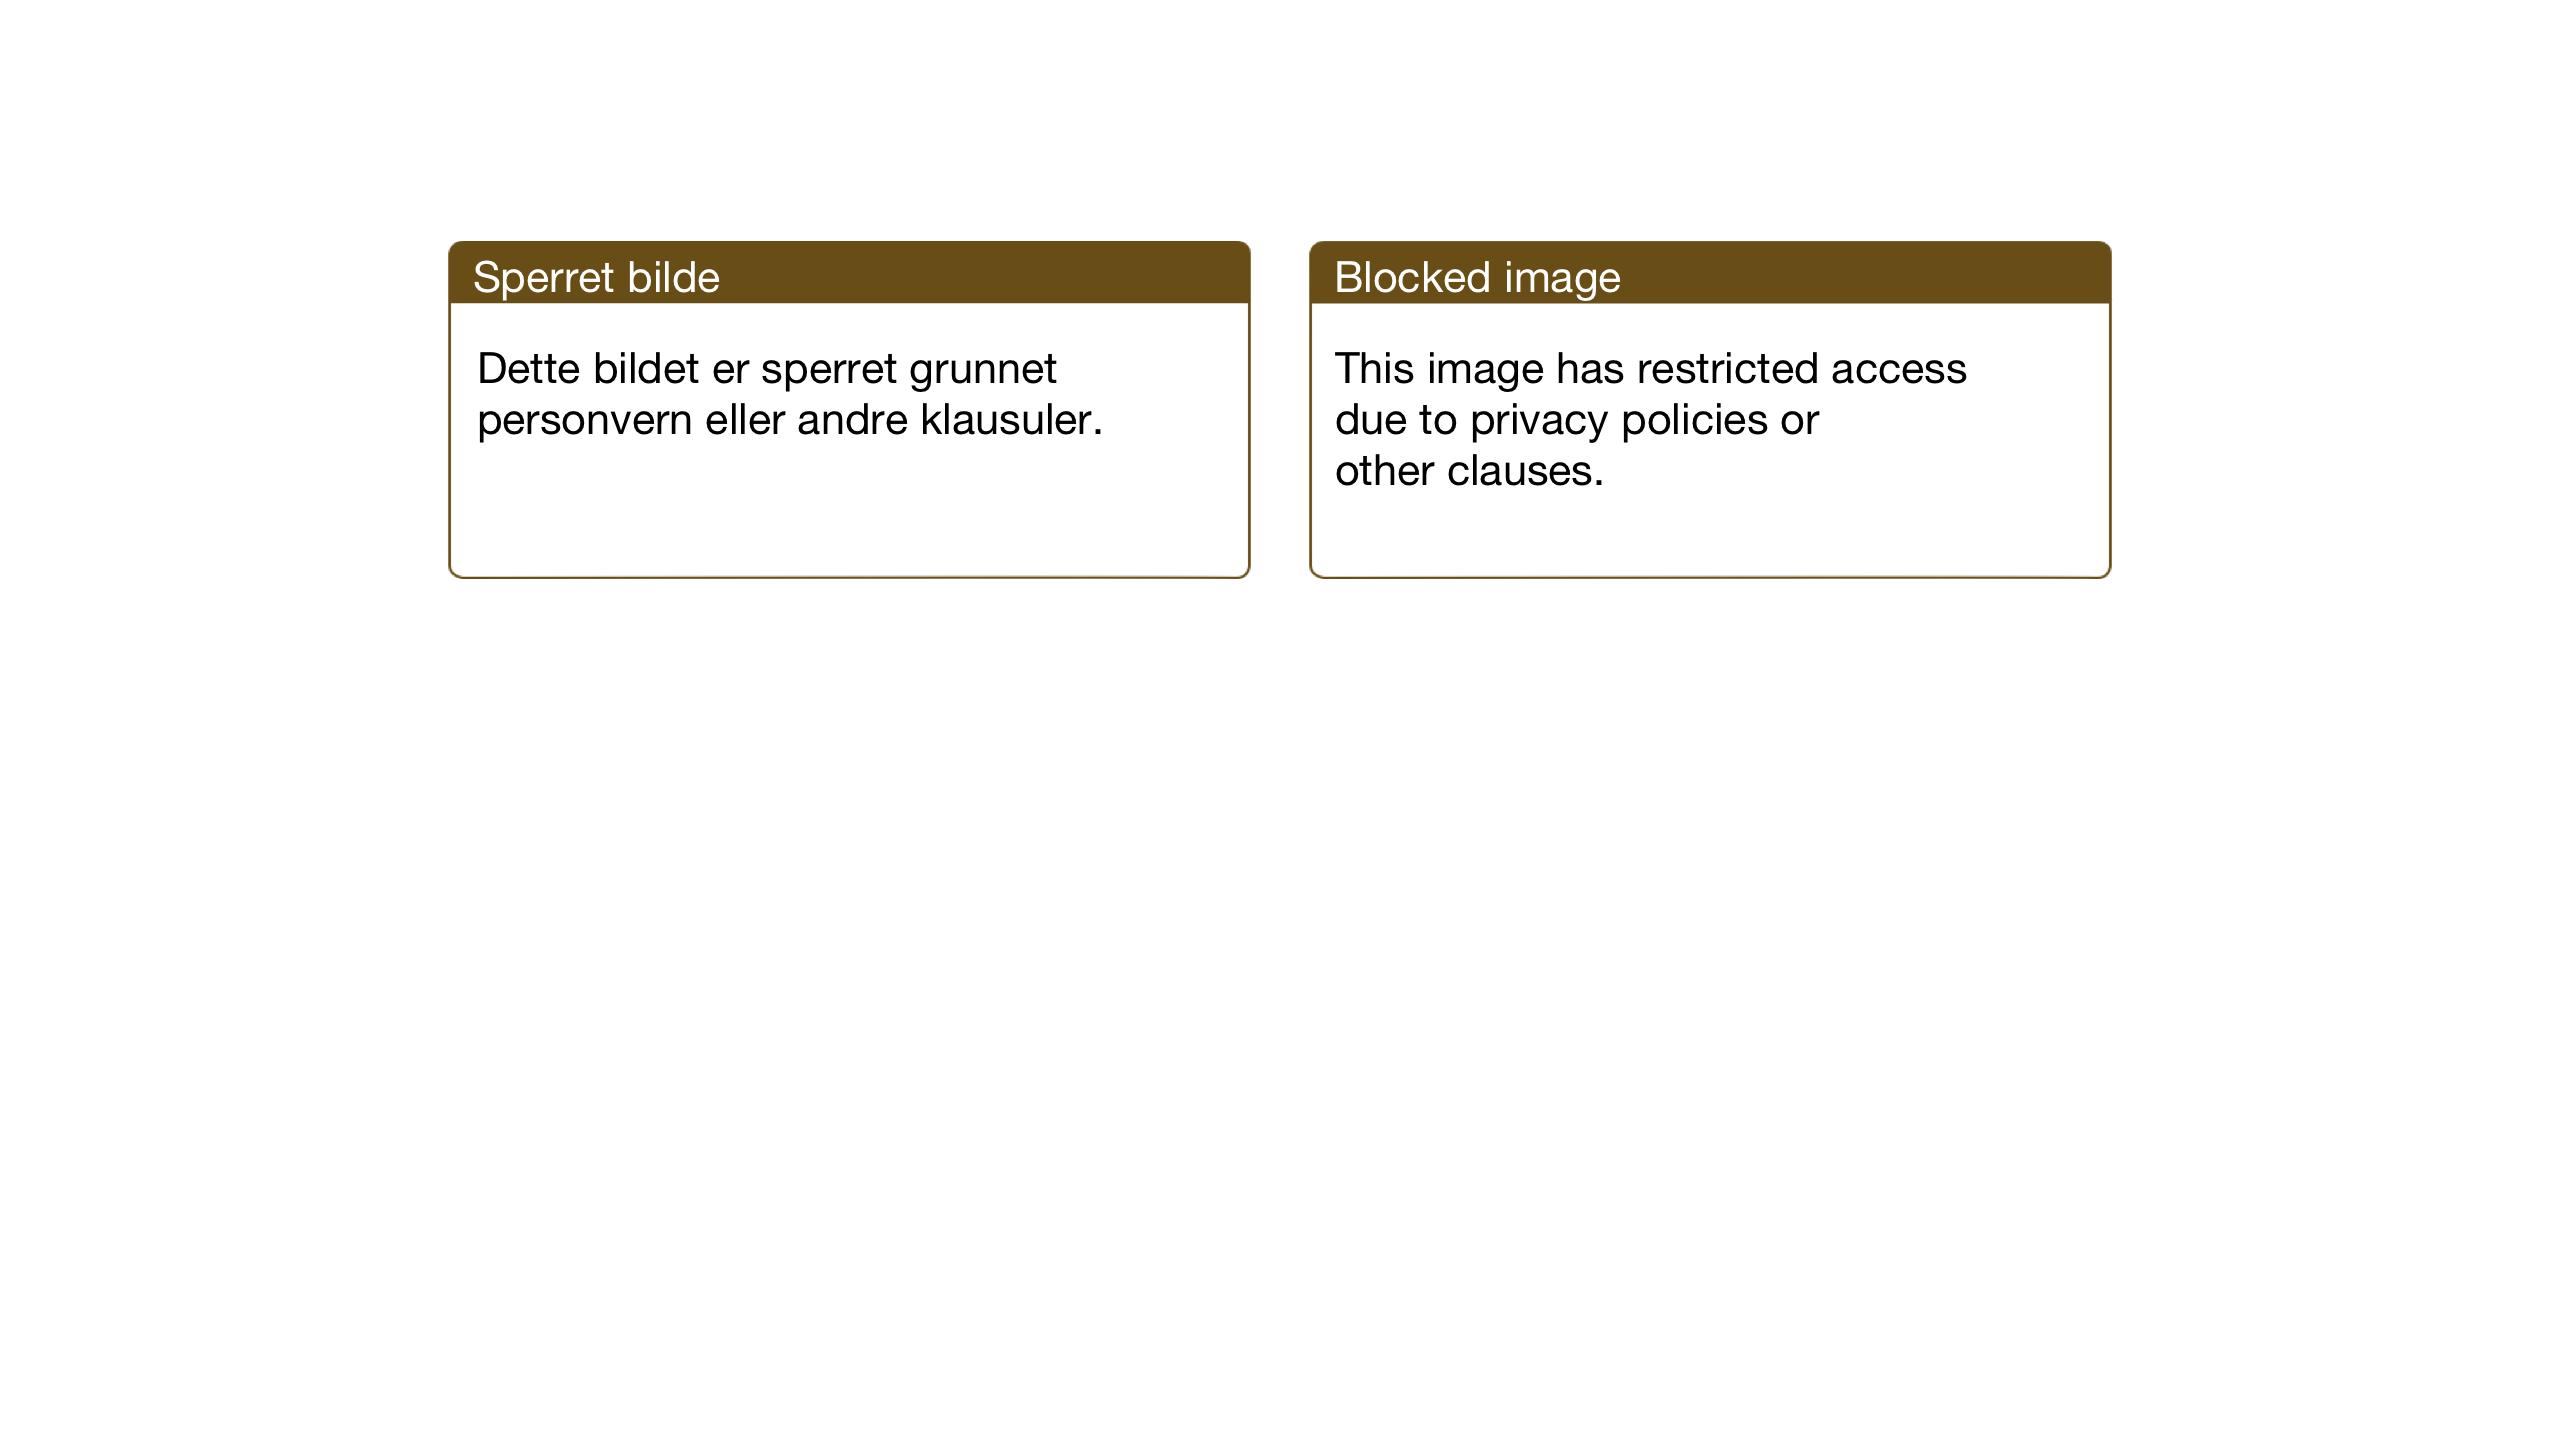 SAT, Ministerialprotokoller, klokkerbøker og fødselsregistre - Sør-Trøndelag, 615/L0401: Klokkerbok nr. 615C02, 1922-1941, s. 80